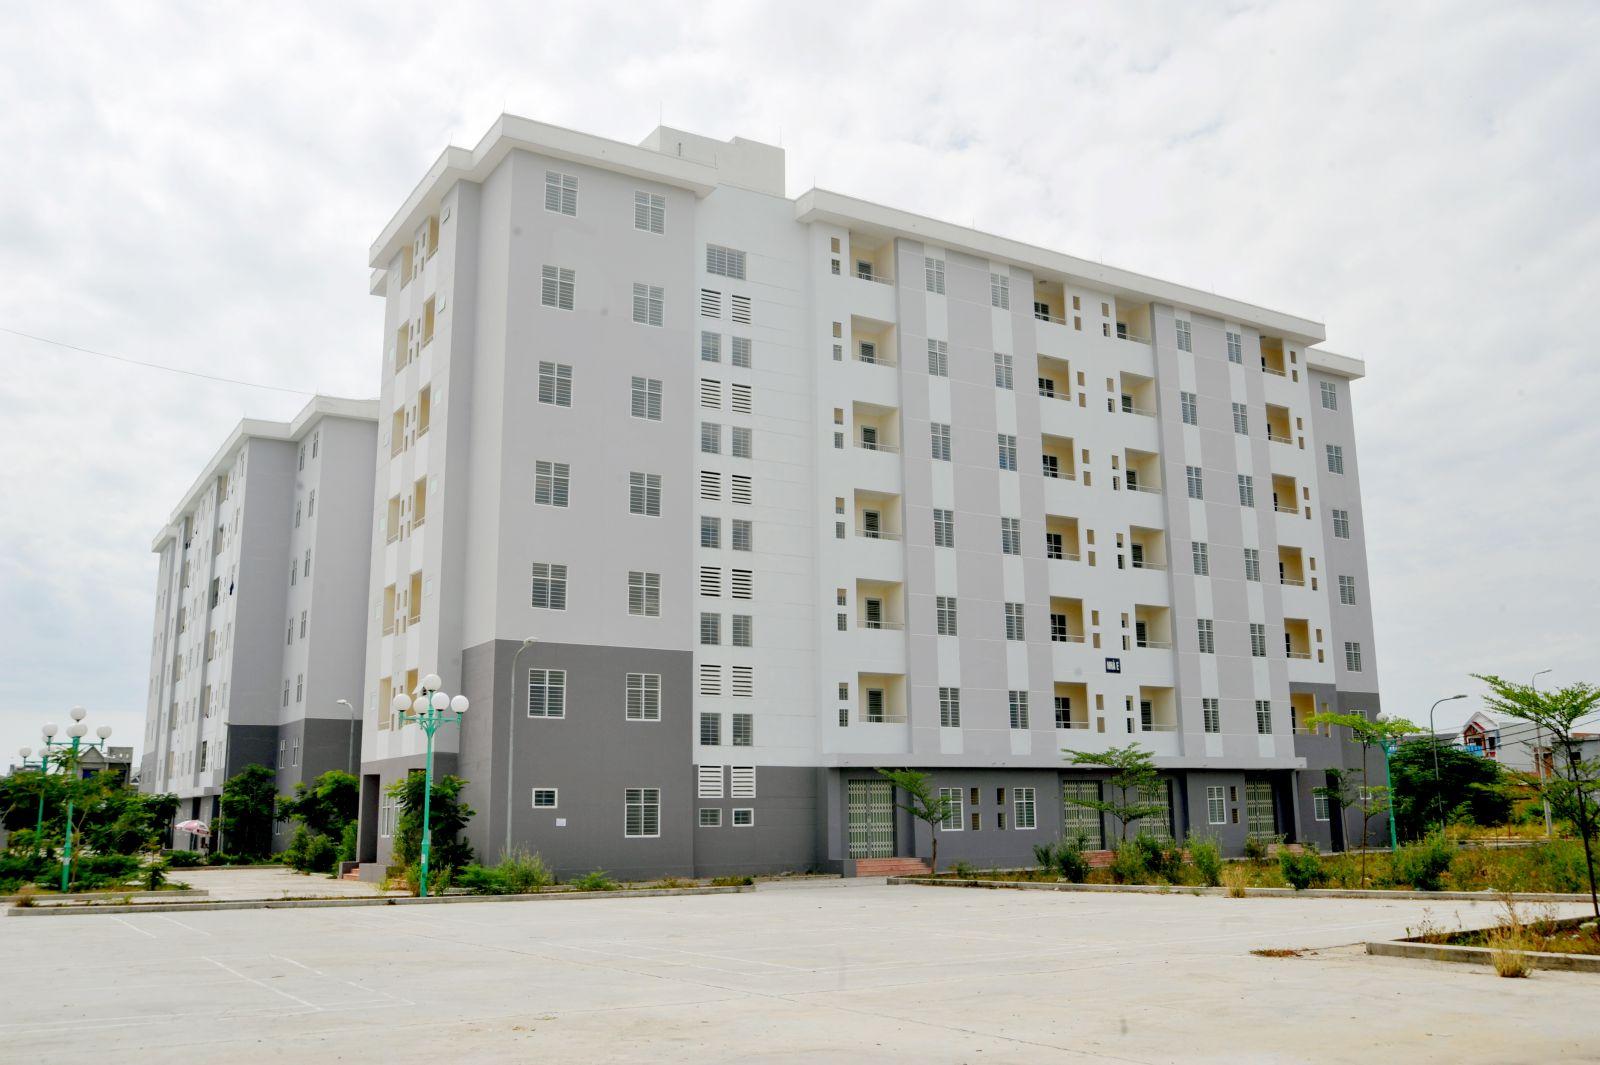 06 Khối nhà 07 tầng – Chung cư nhà ở xã hội tại Khu A2 KDC Nam cầu Cẩm Lệ